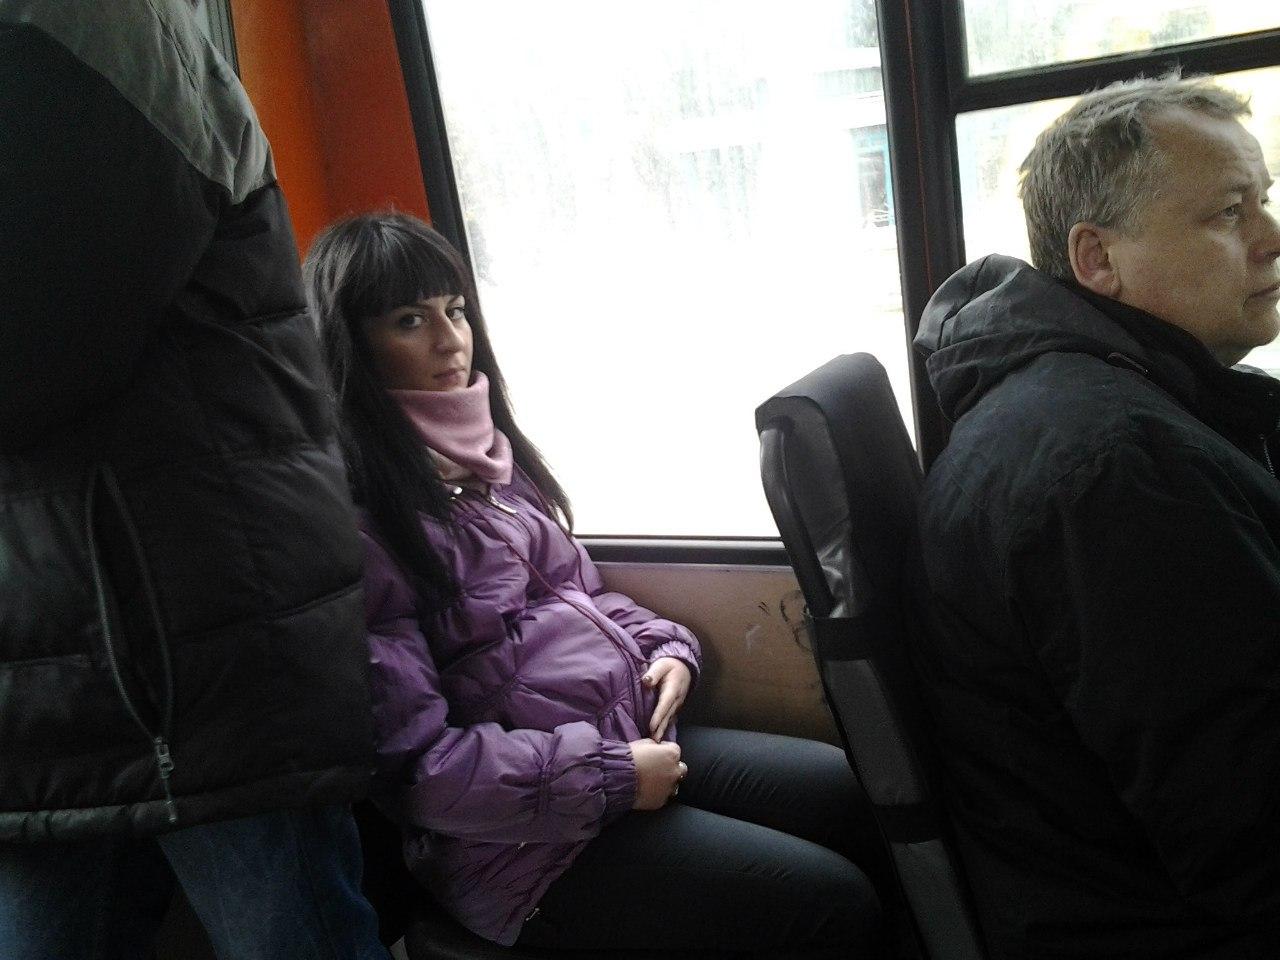 Статьи про секс в автобусе когда много народа 14 фотография